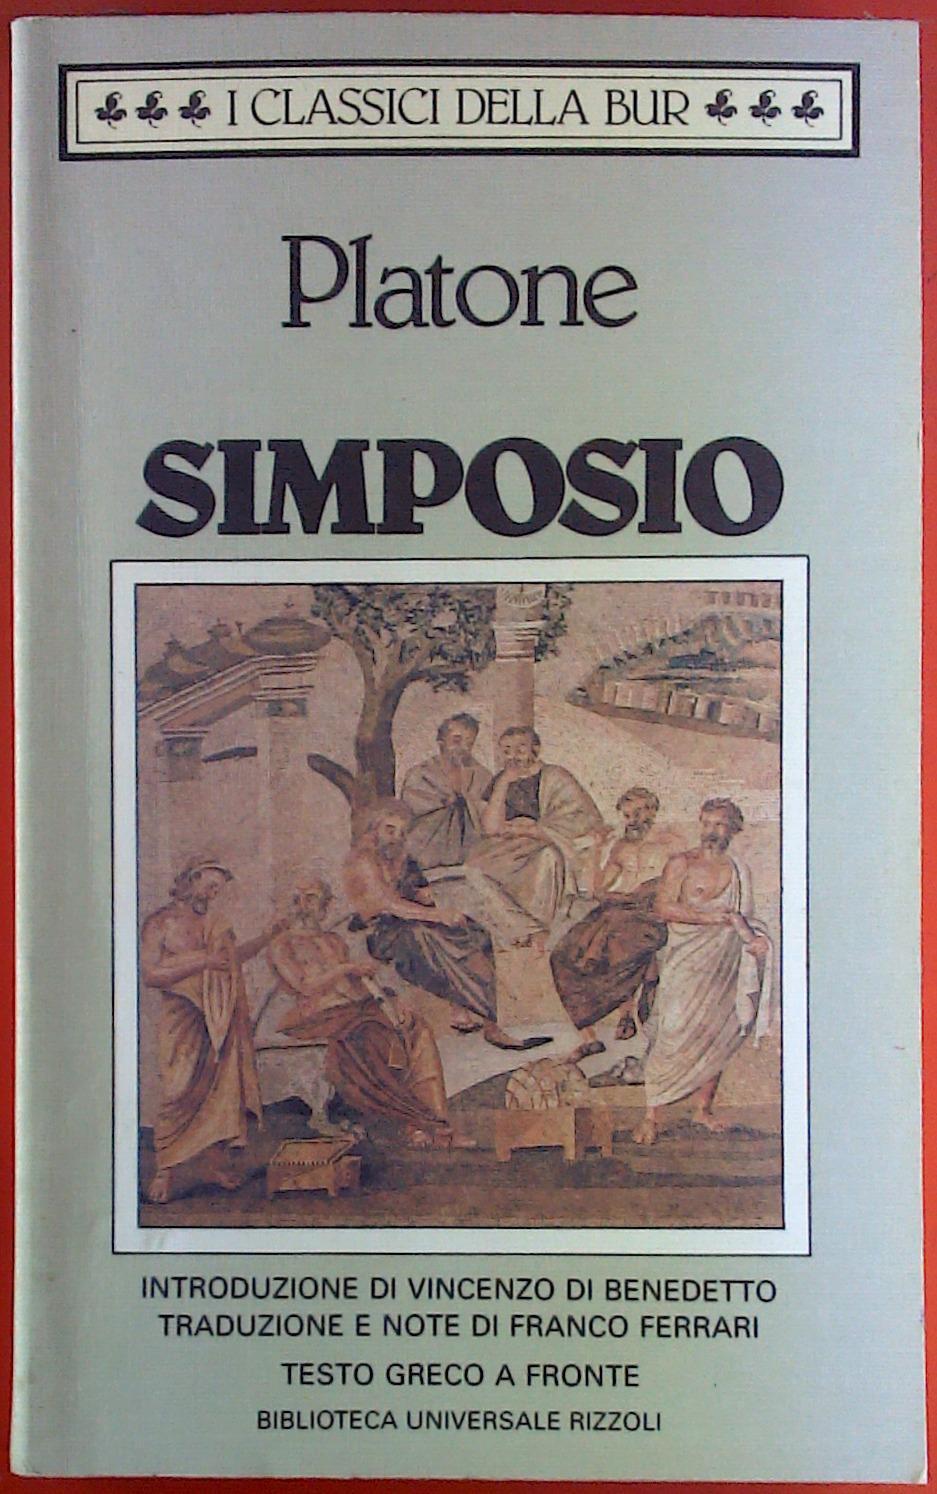 Simposio. I classici della Bur. - Platone